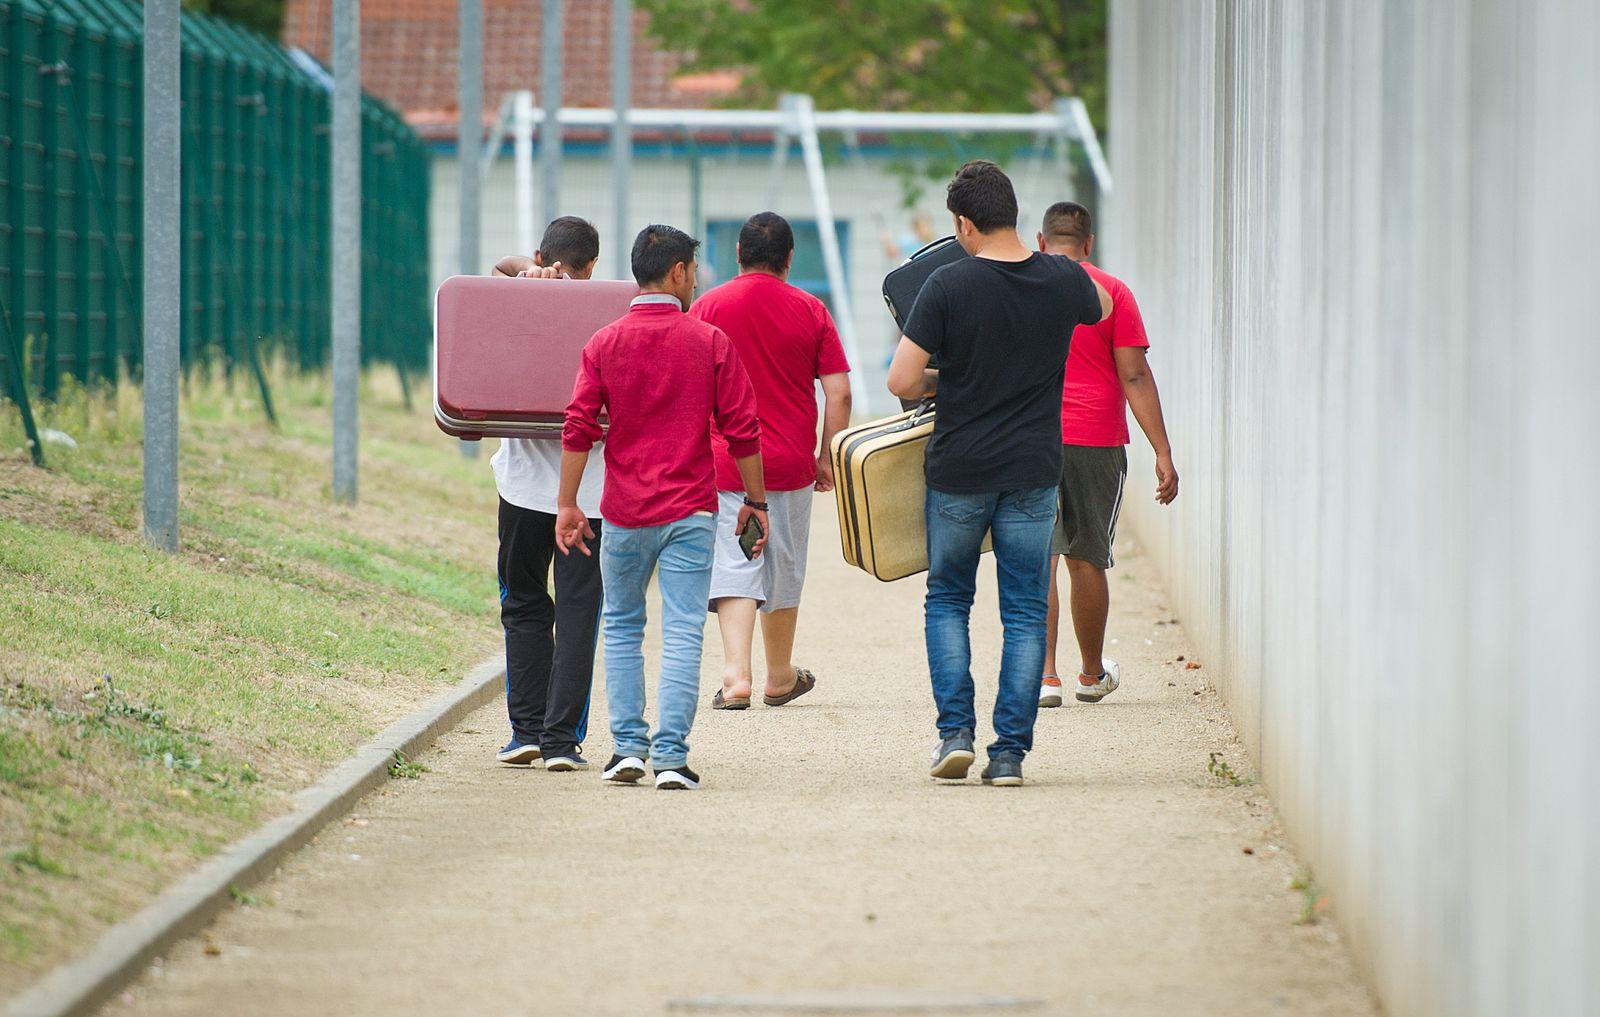 Flüchtlinge/ Erstaufnahmeeinrichtung